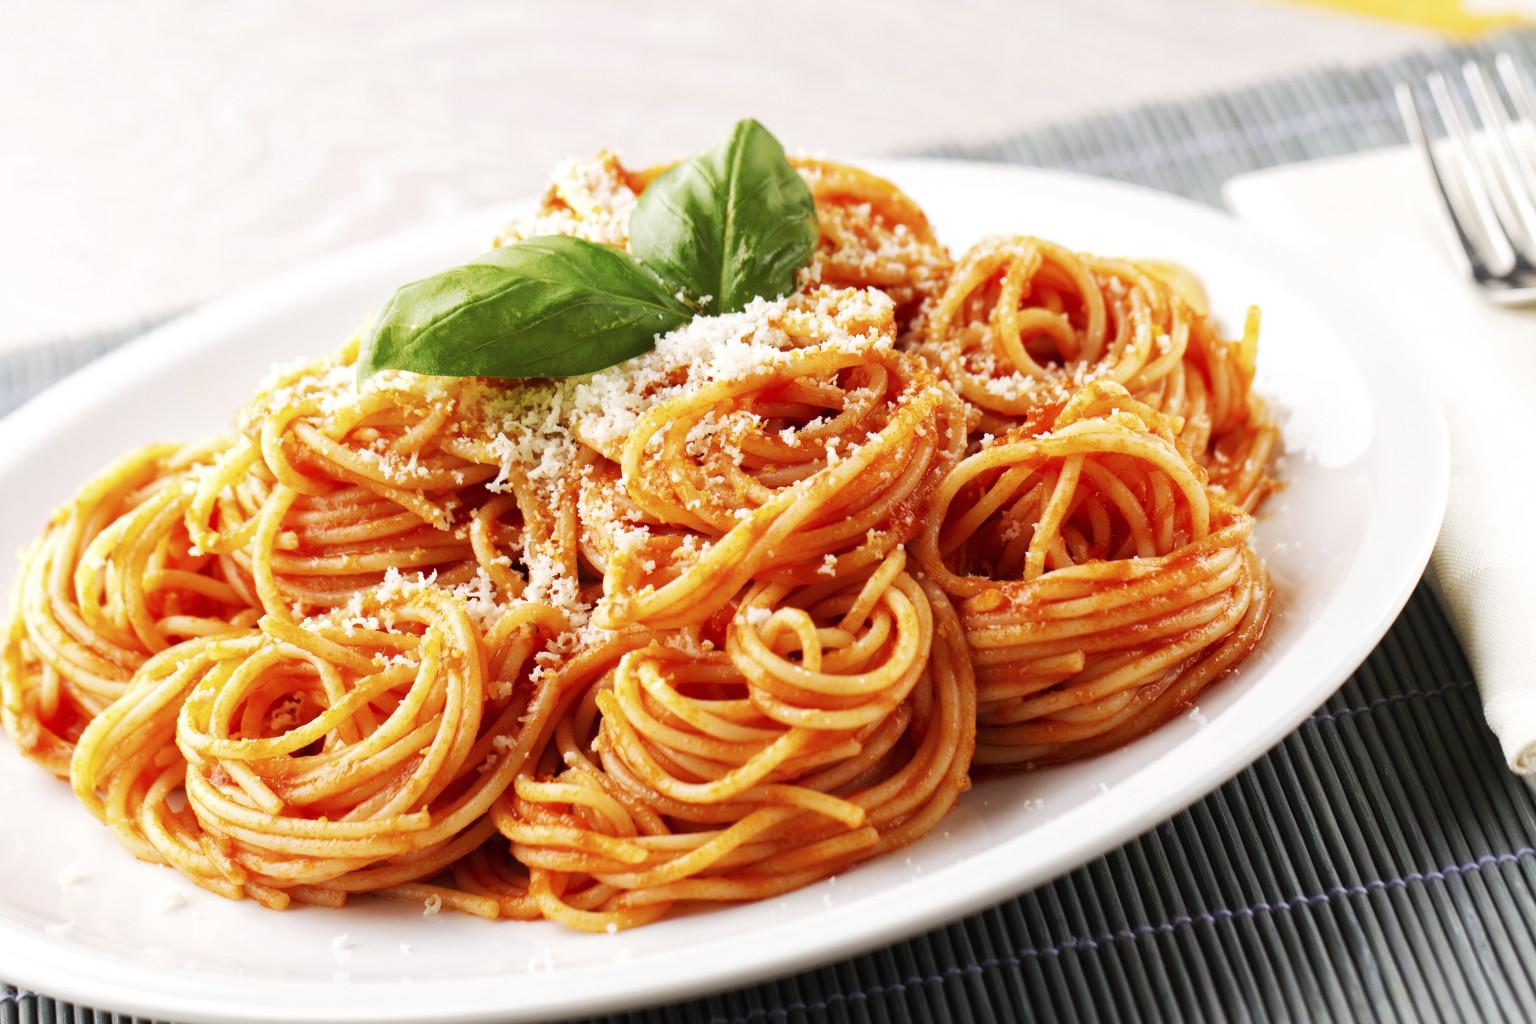 Spaghetti come vaccino anti Covid